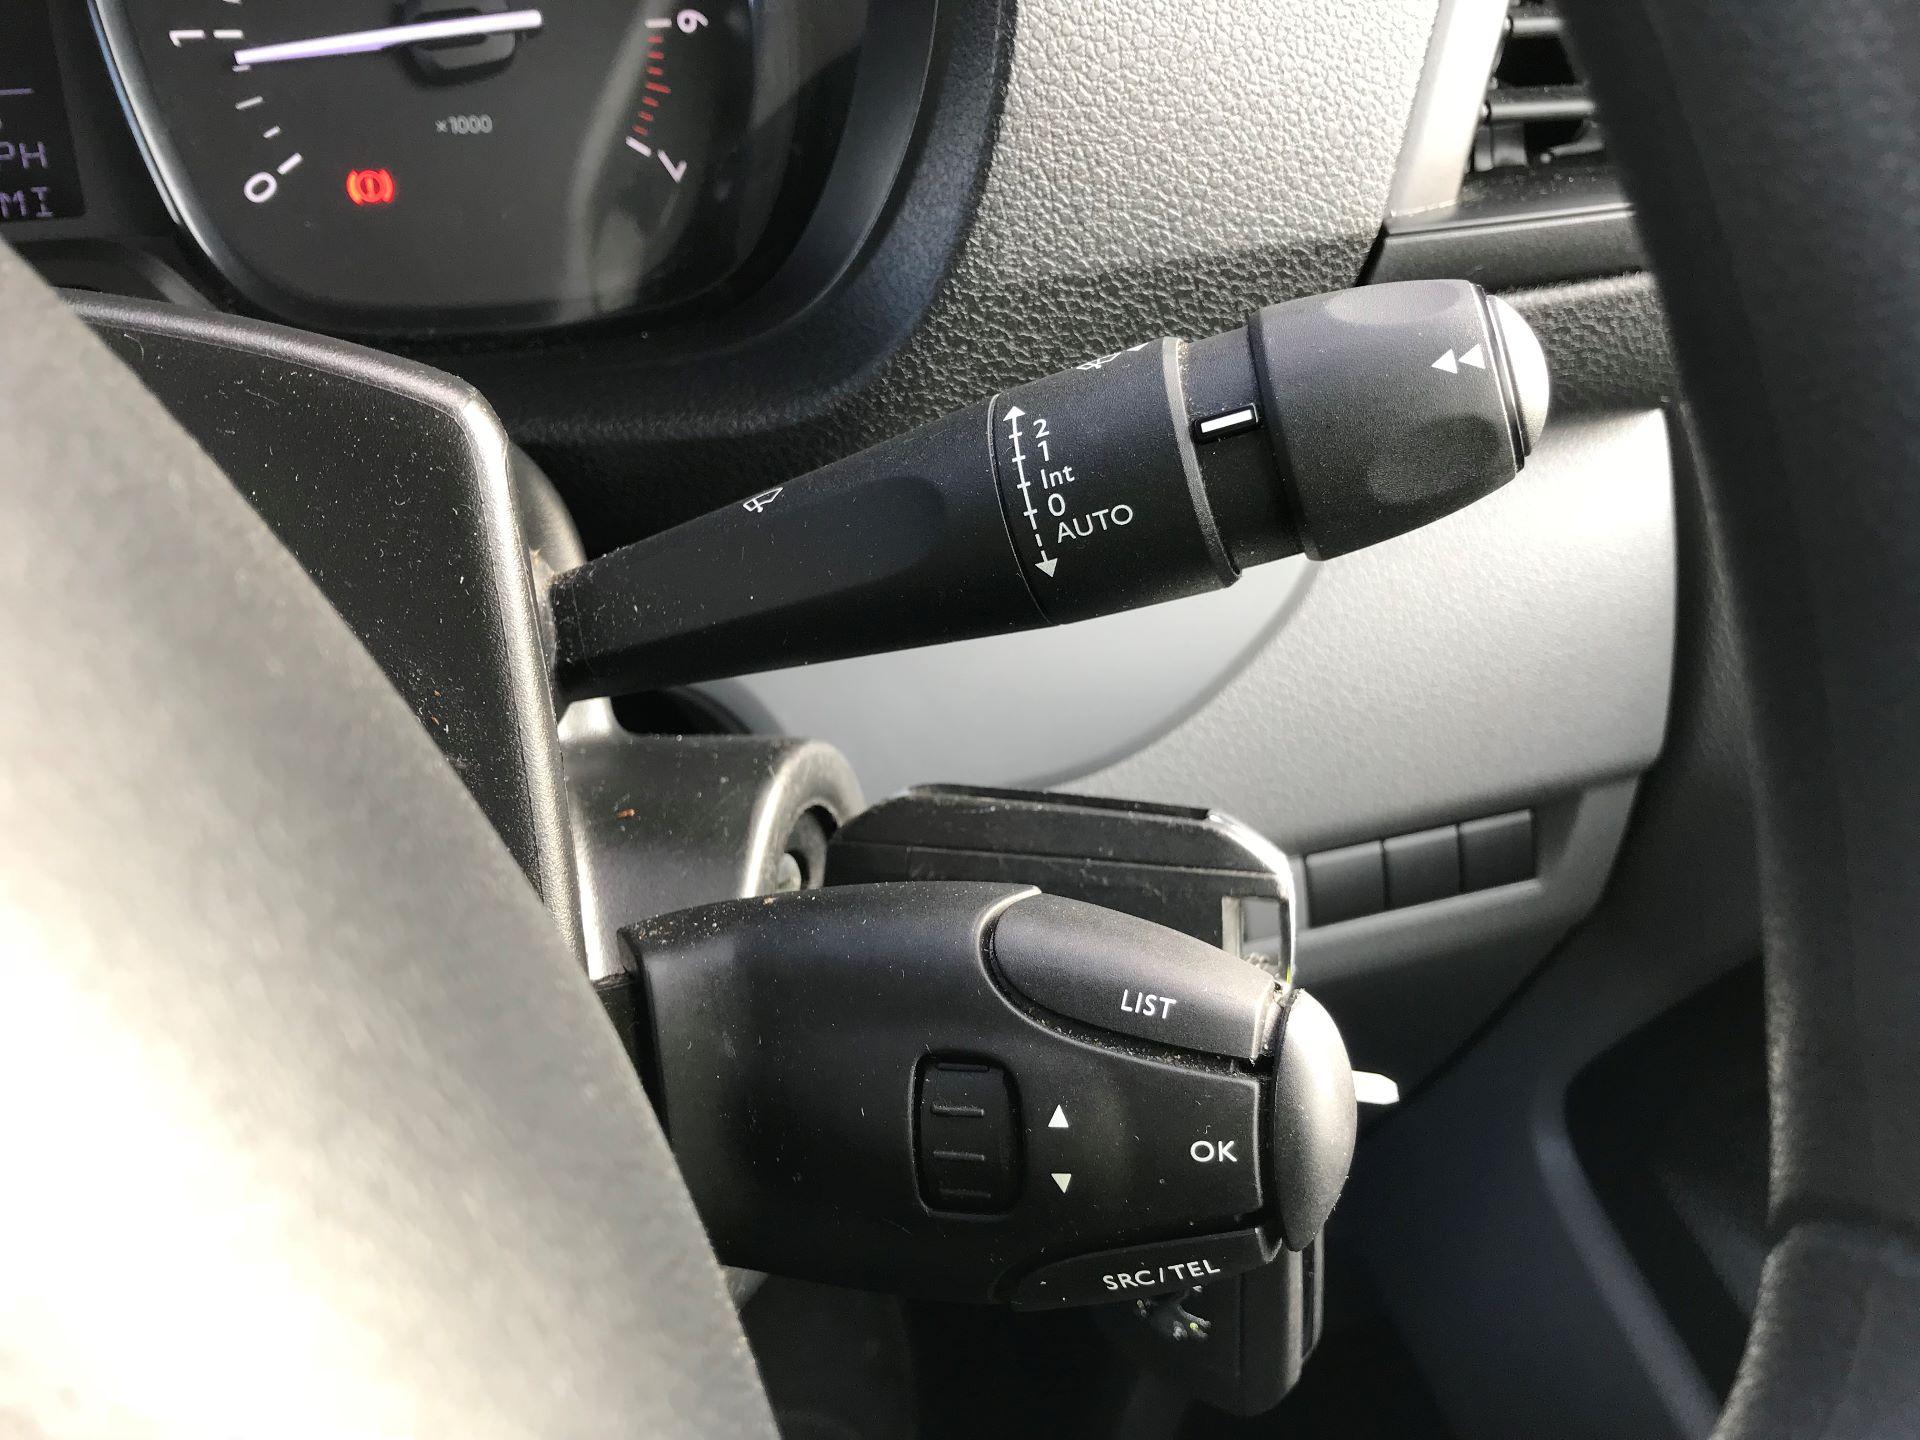 2018 Peugeot Expert  STANDARD 1000 1.6 BLUEHDI 95 S EURO 6 (NU68OFJ) Image 29